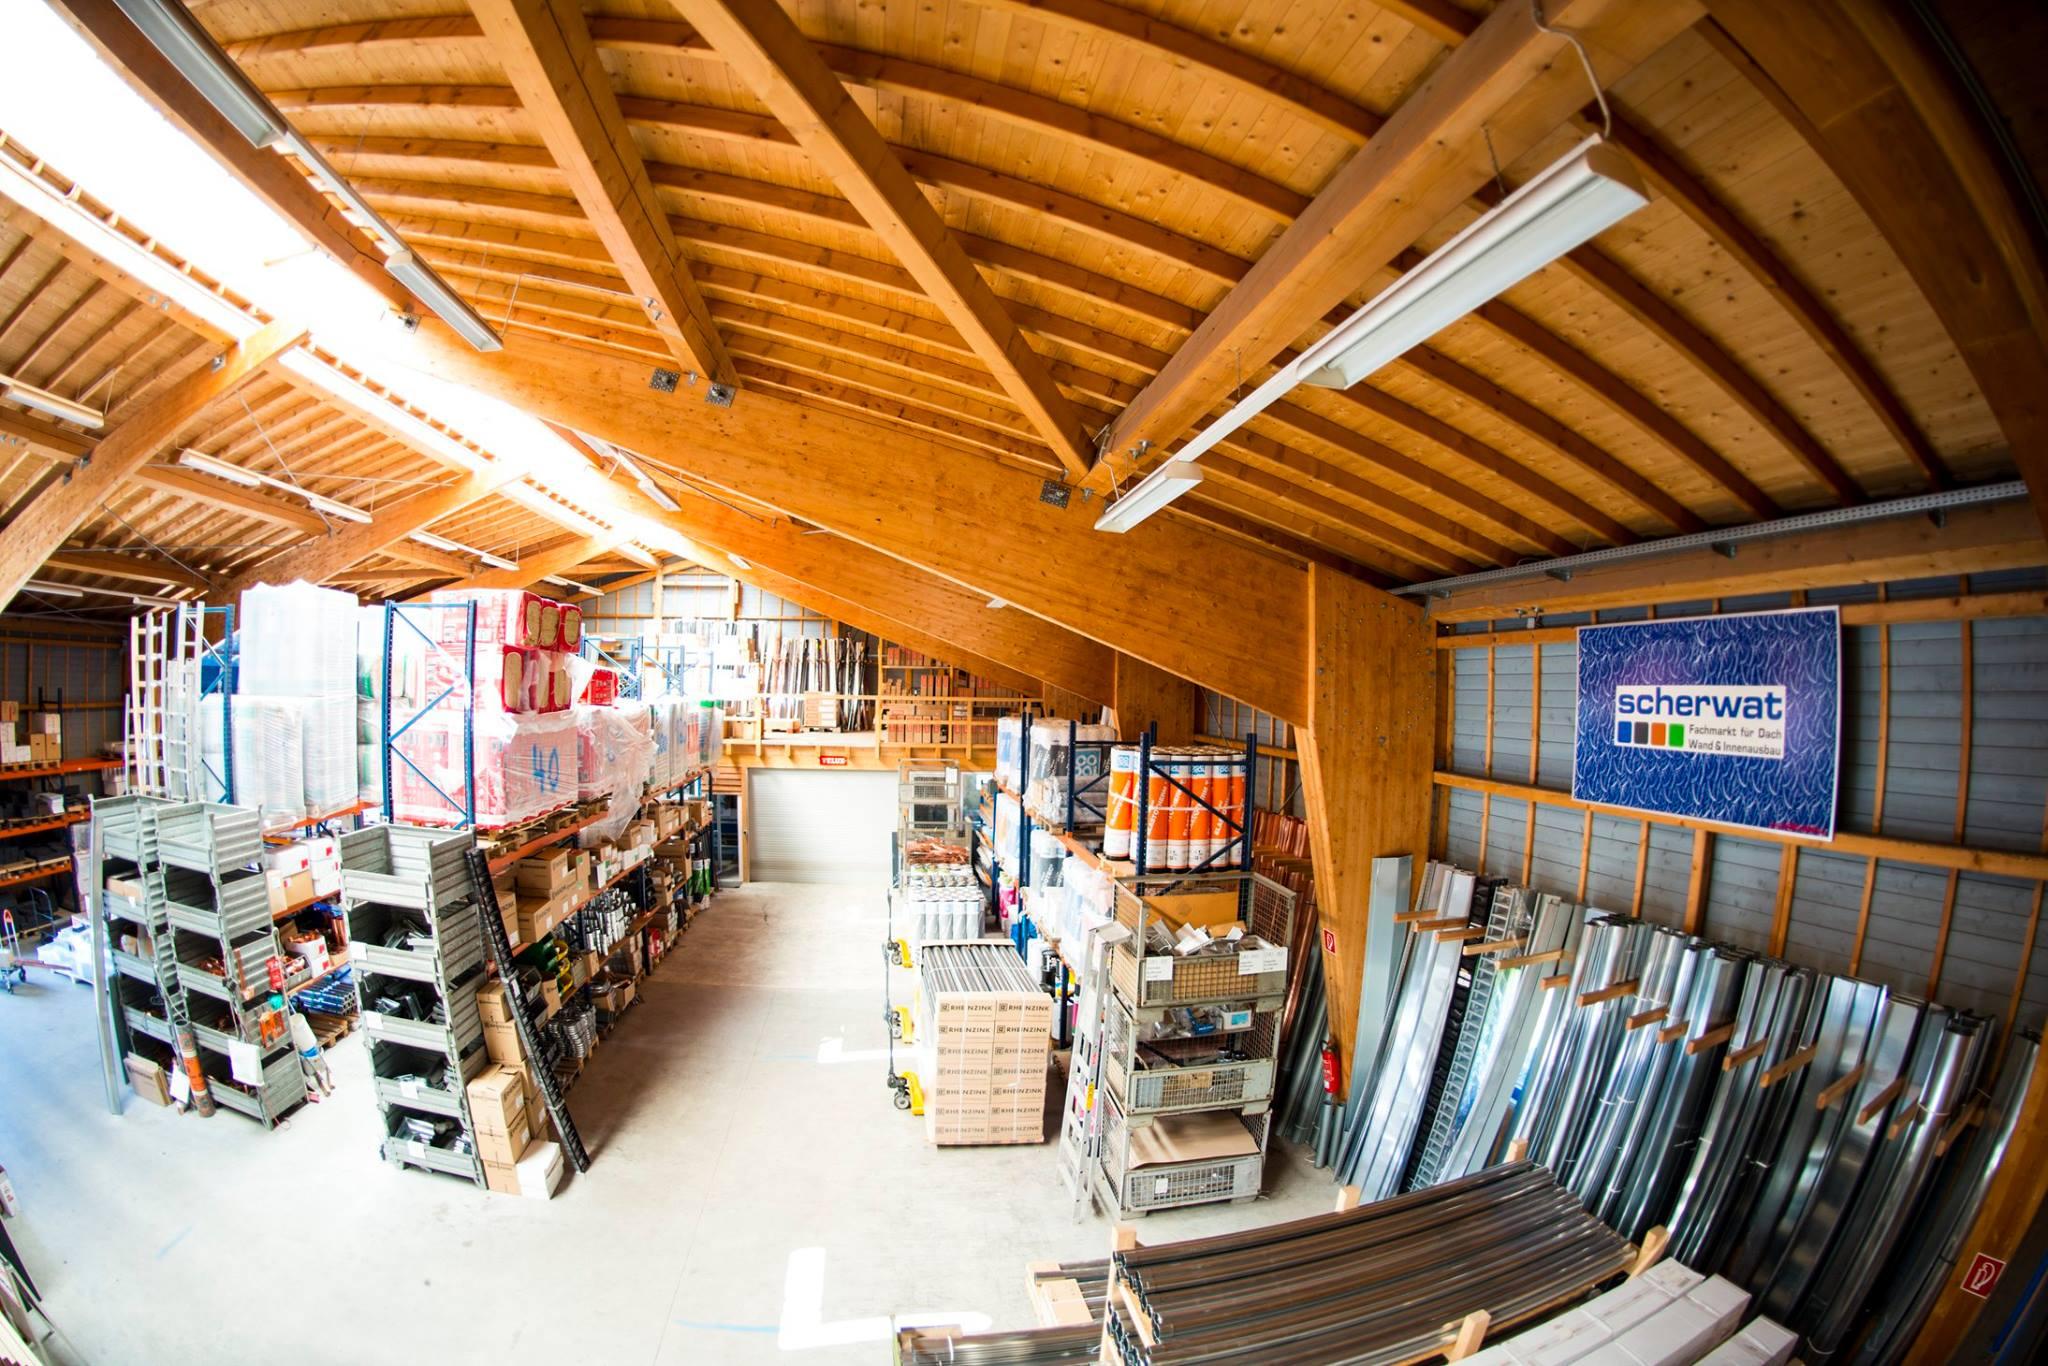 Scherwat Lagerhalle in Gevelsberg (Dachbaustoffe, Blechbearbeitung, Plattenzuschnitte und Trockenbaustoffe)